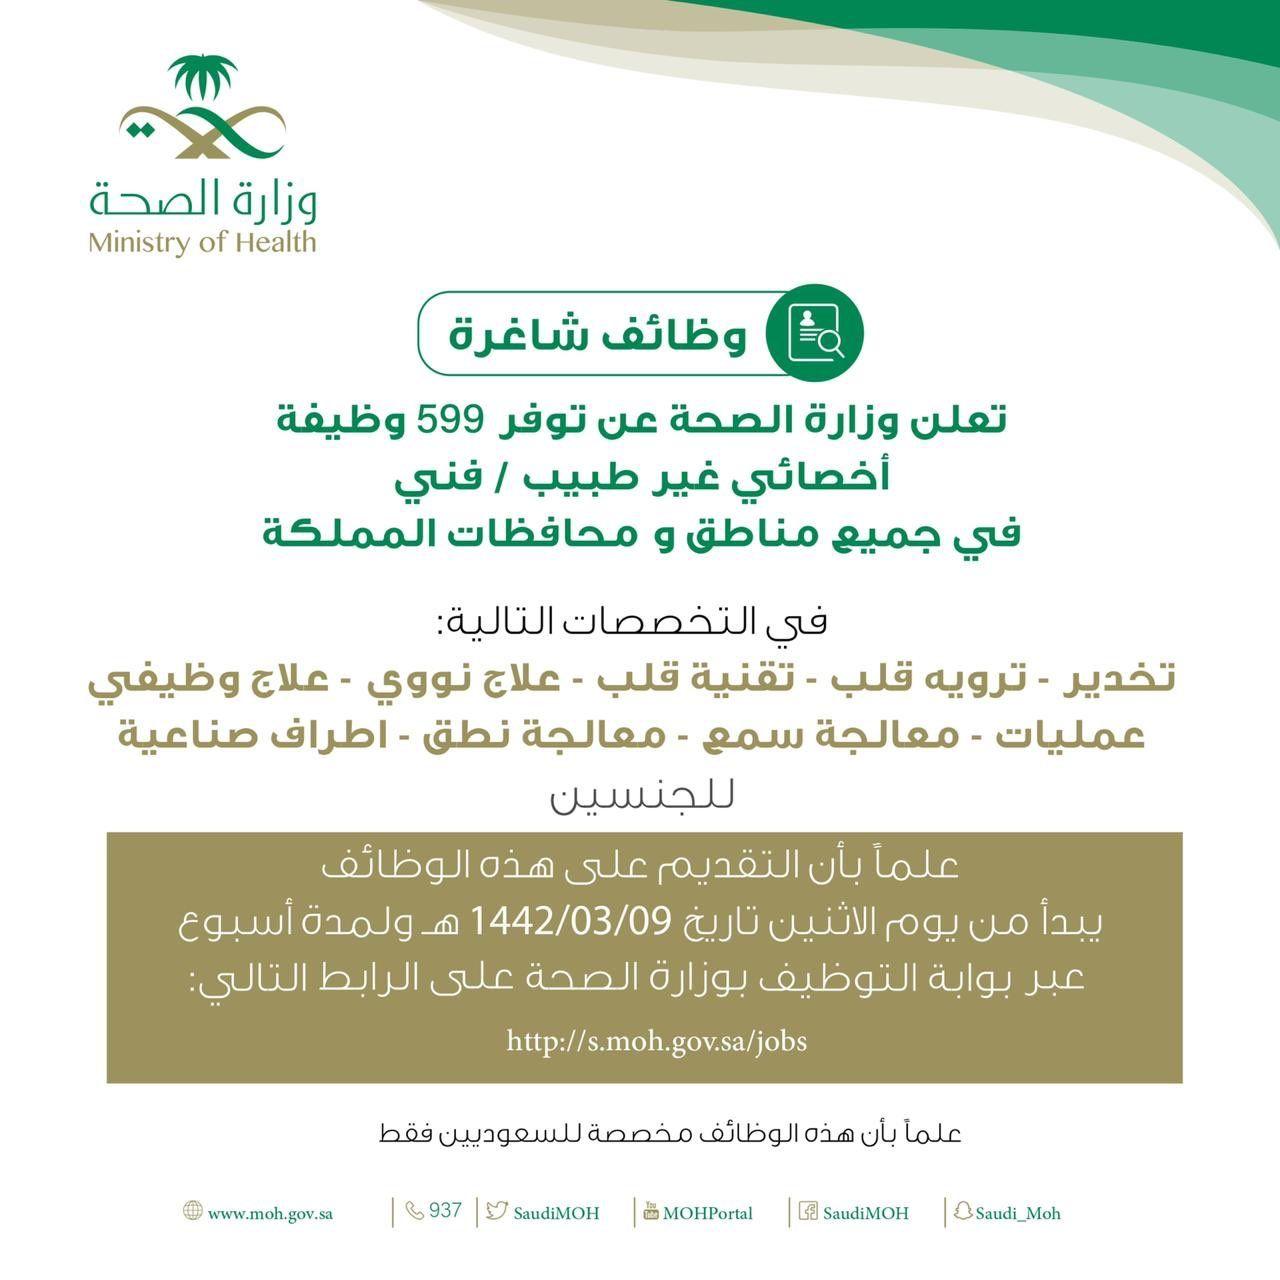 وزارة الصحة تعلن عن 599 وظيفة شاغرة في كافة المناطق Health